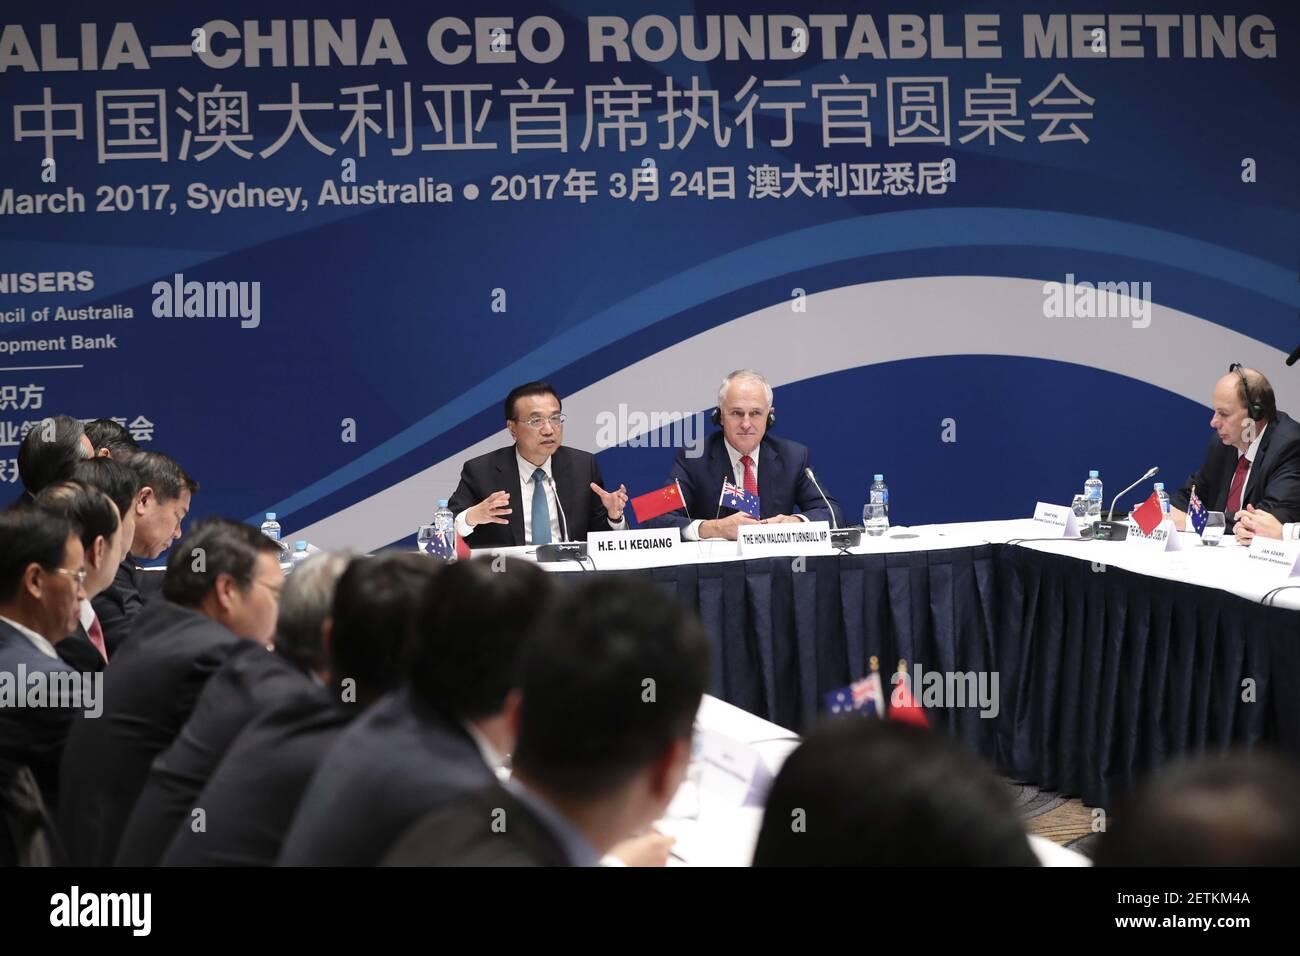 (170324) -- SYDNEY, 24. März 2017 (Xinhua) -- der chinesische Premierminister Li Keqiang (3rd R) und der australische Premierminister Malcolm Turnbull (2nd R) nehmen am sechsten Australien-China CEO Roundtable in Sydney, Australien, am 24. März 2017 Teil. (Xinhua/Pang Xinglei) (lb) (Foto: Xinhua/Sipa USA) Stockfoto